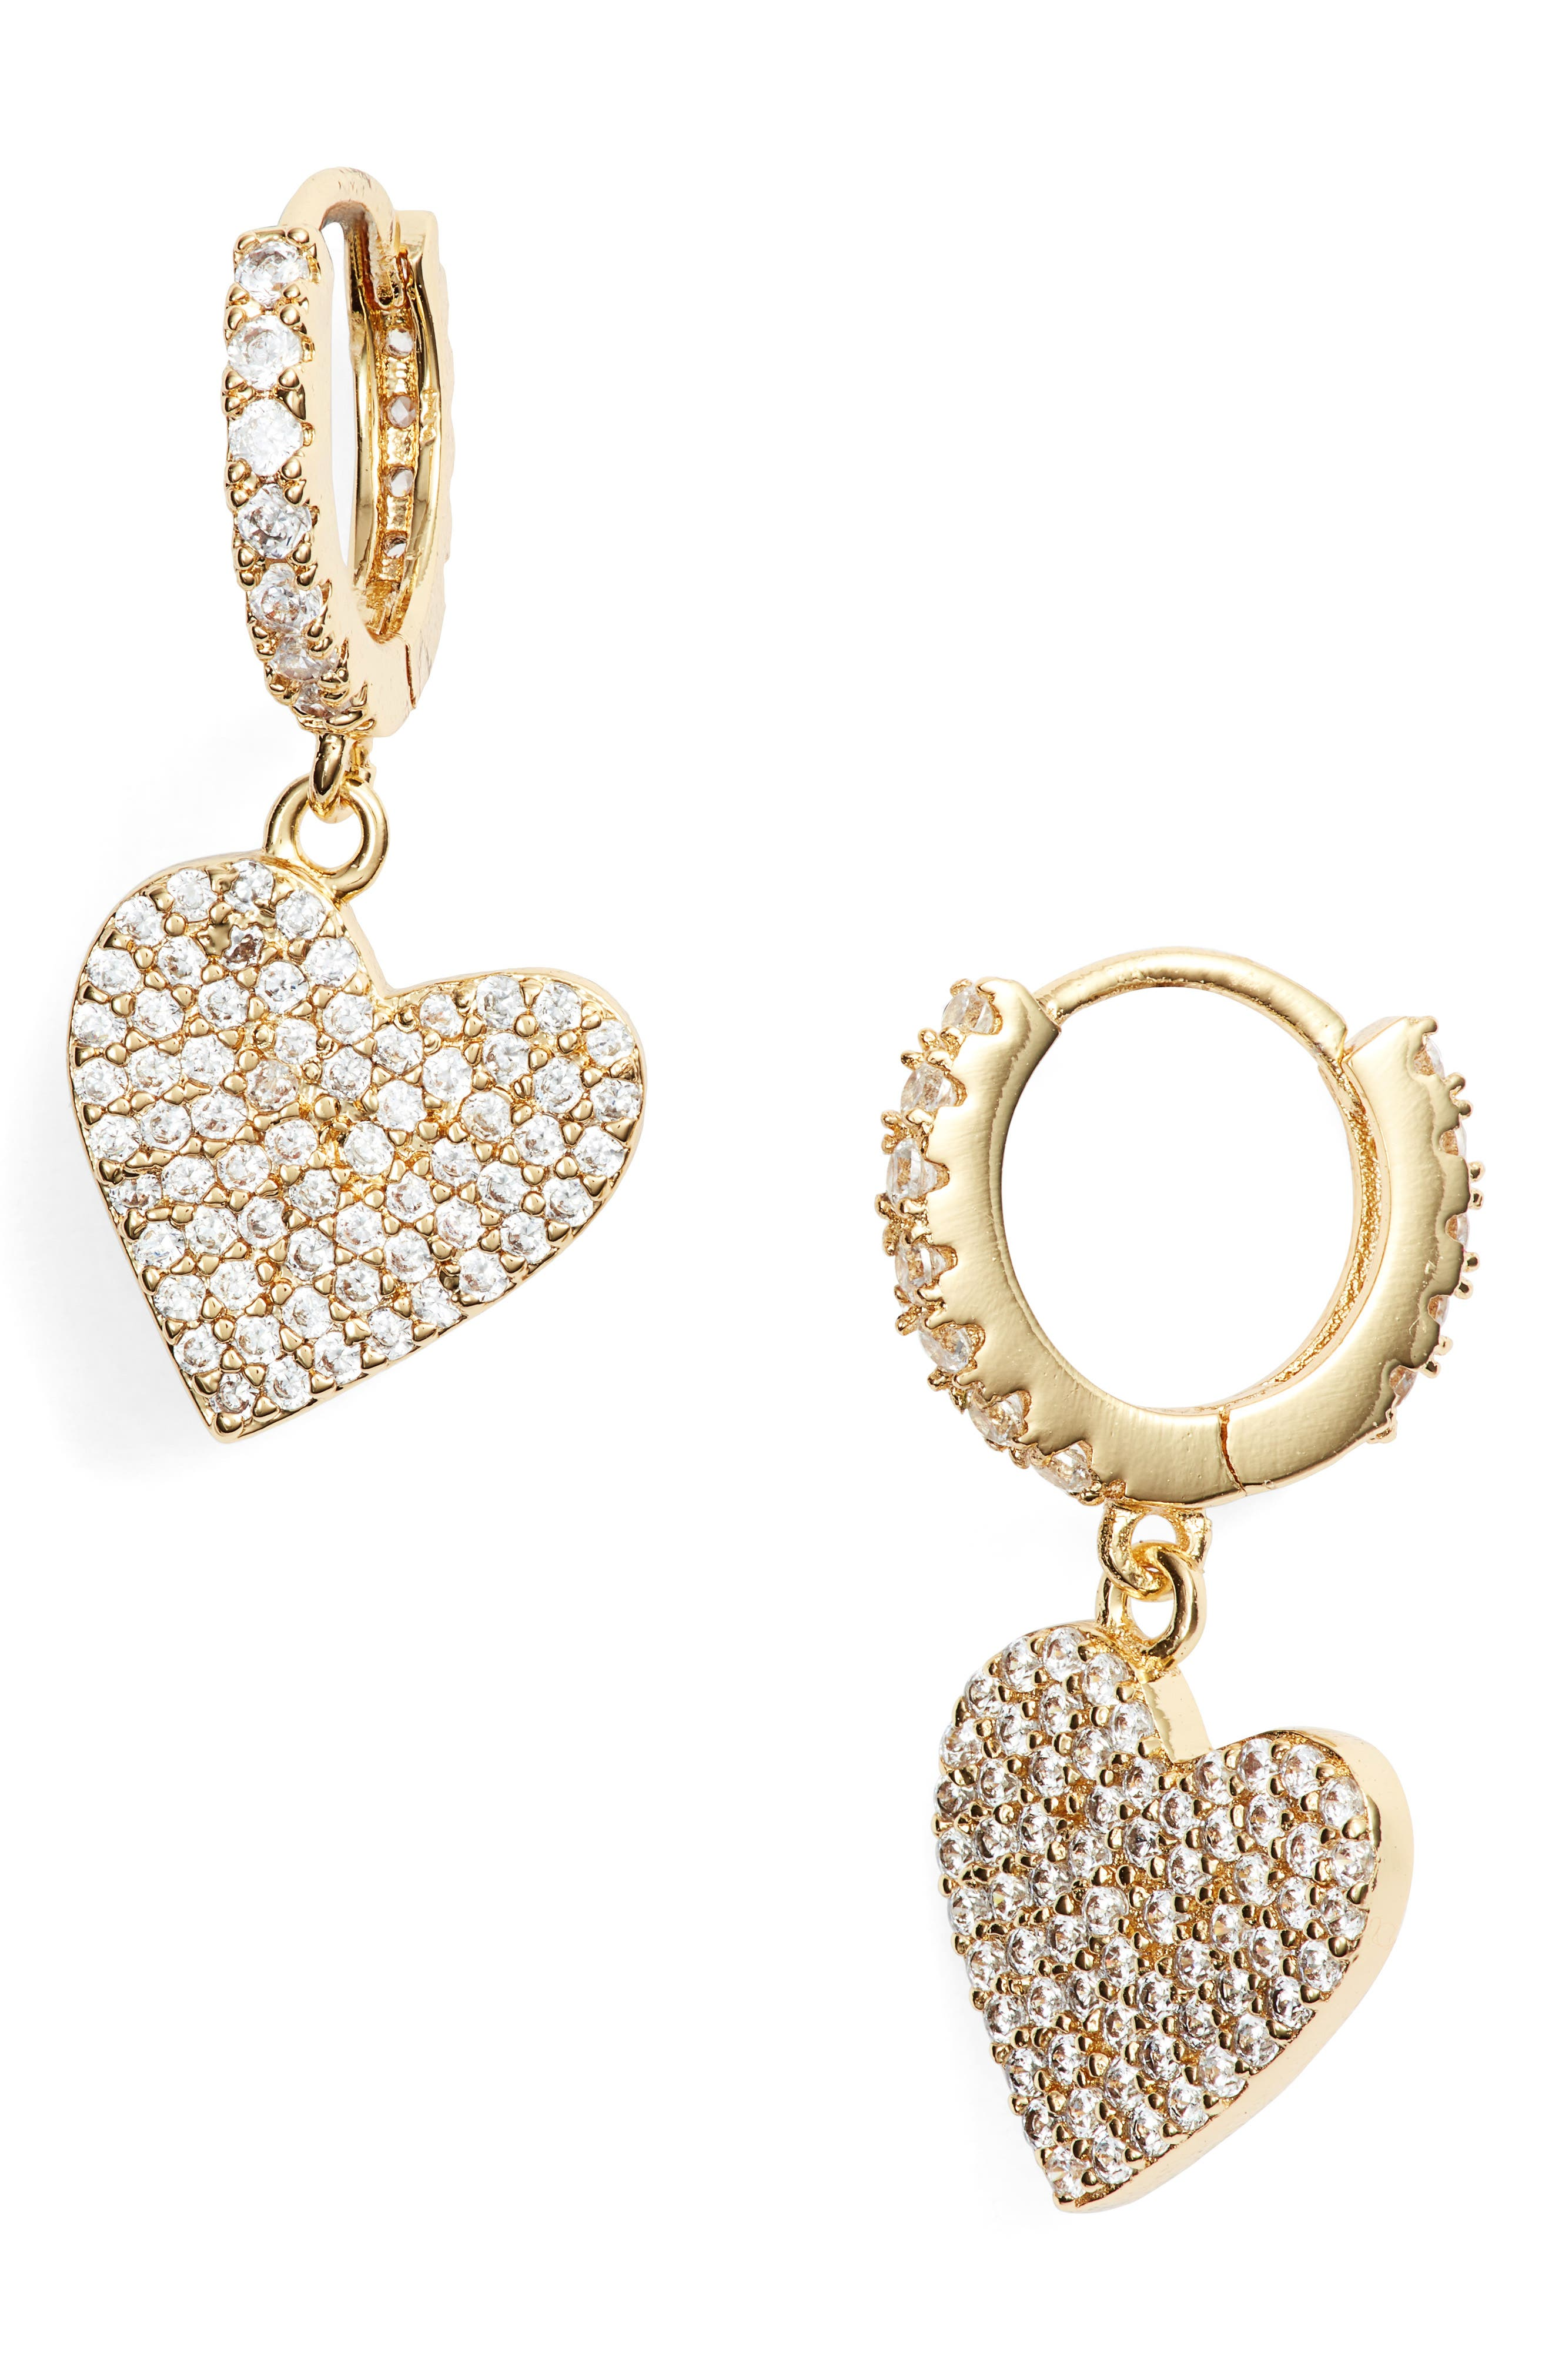 LULU DK Heart Huggie Earrings in Gold